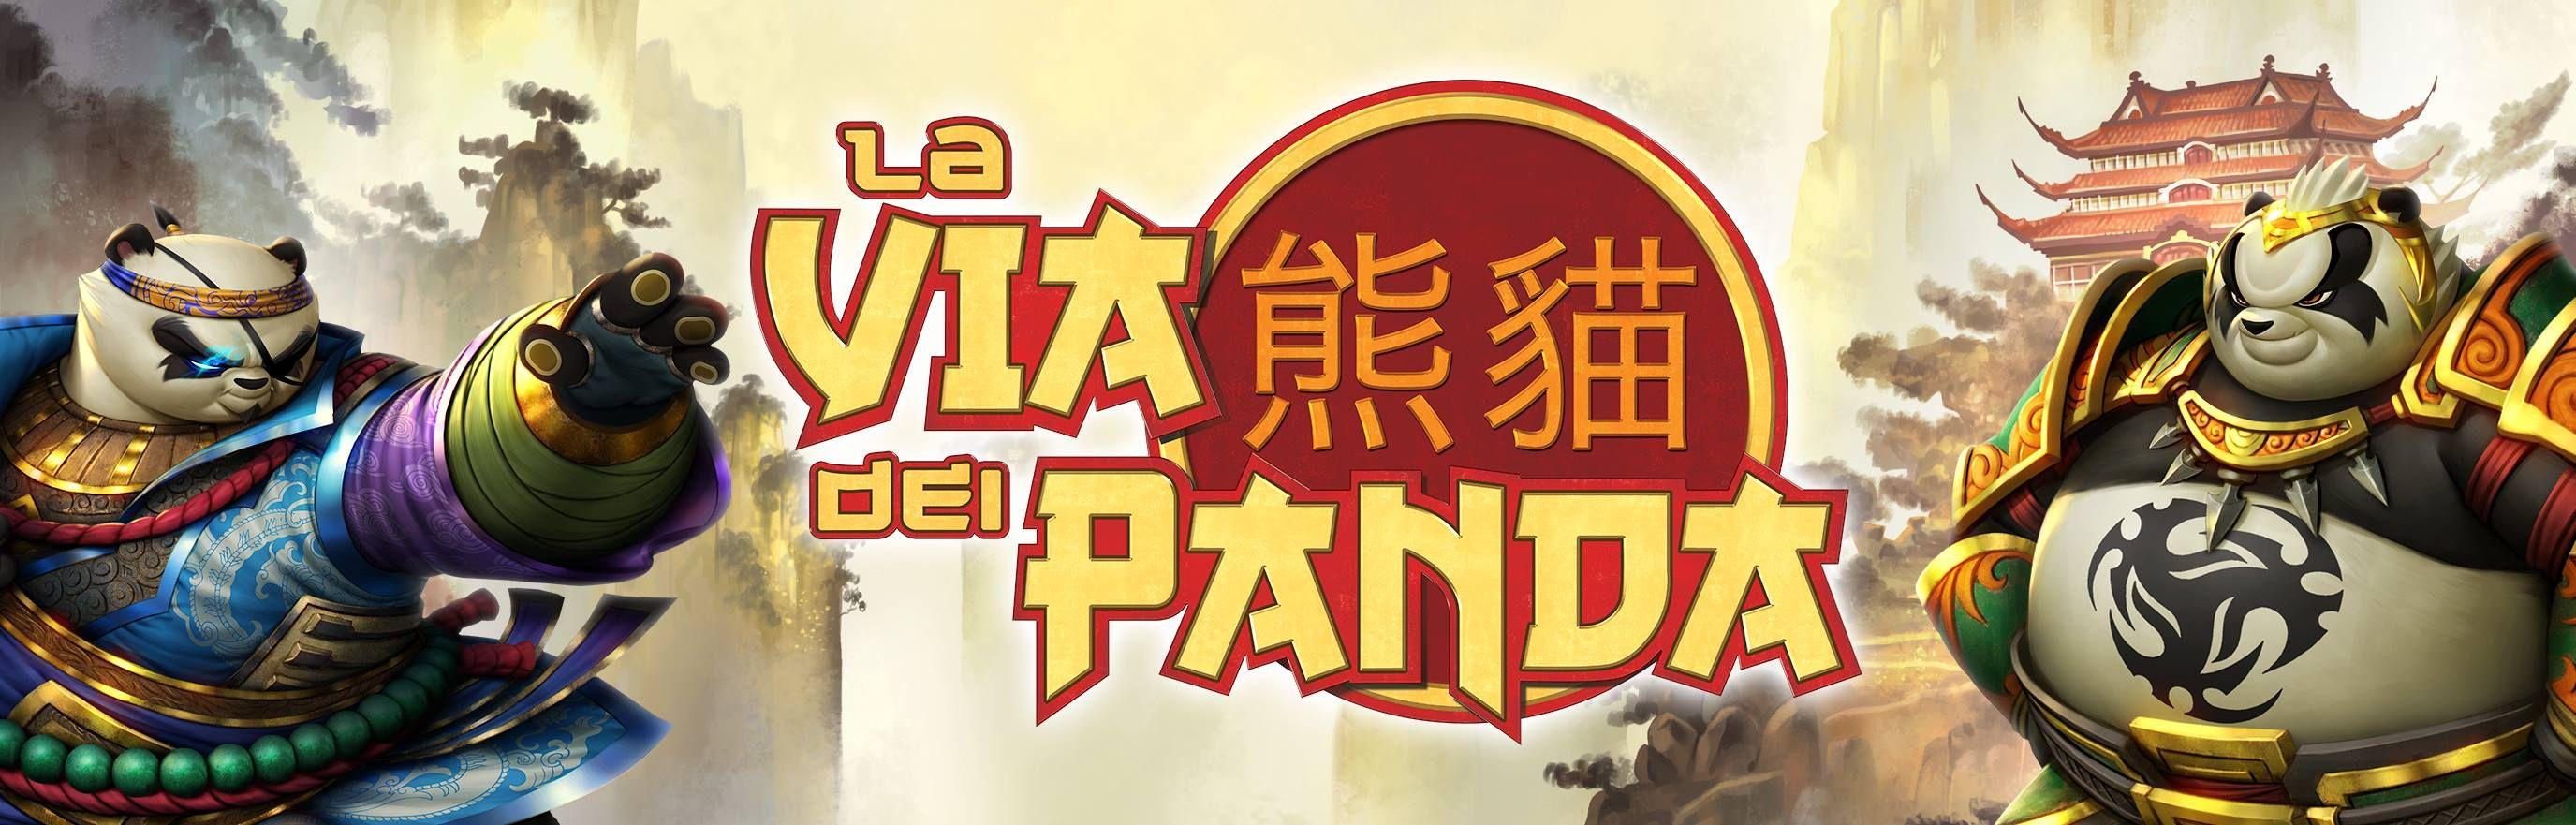 Panda web header